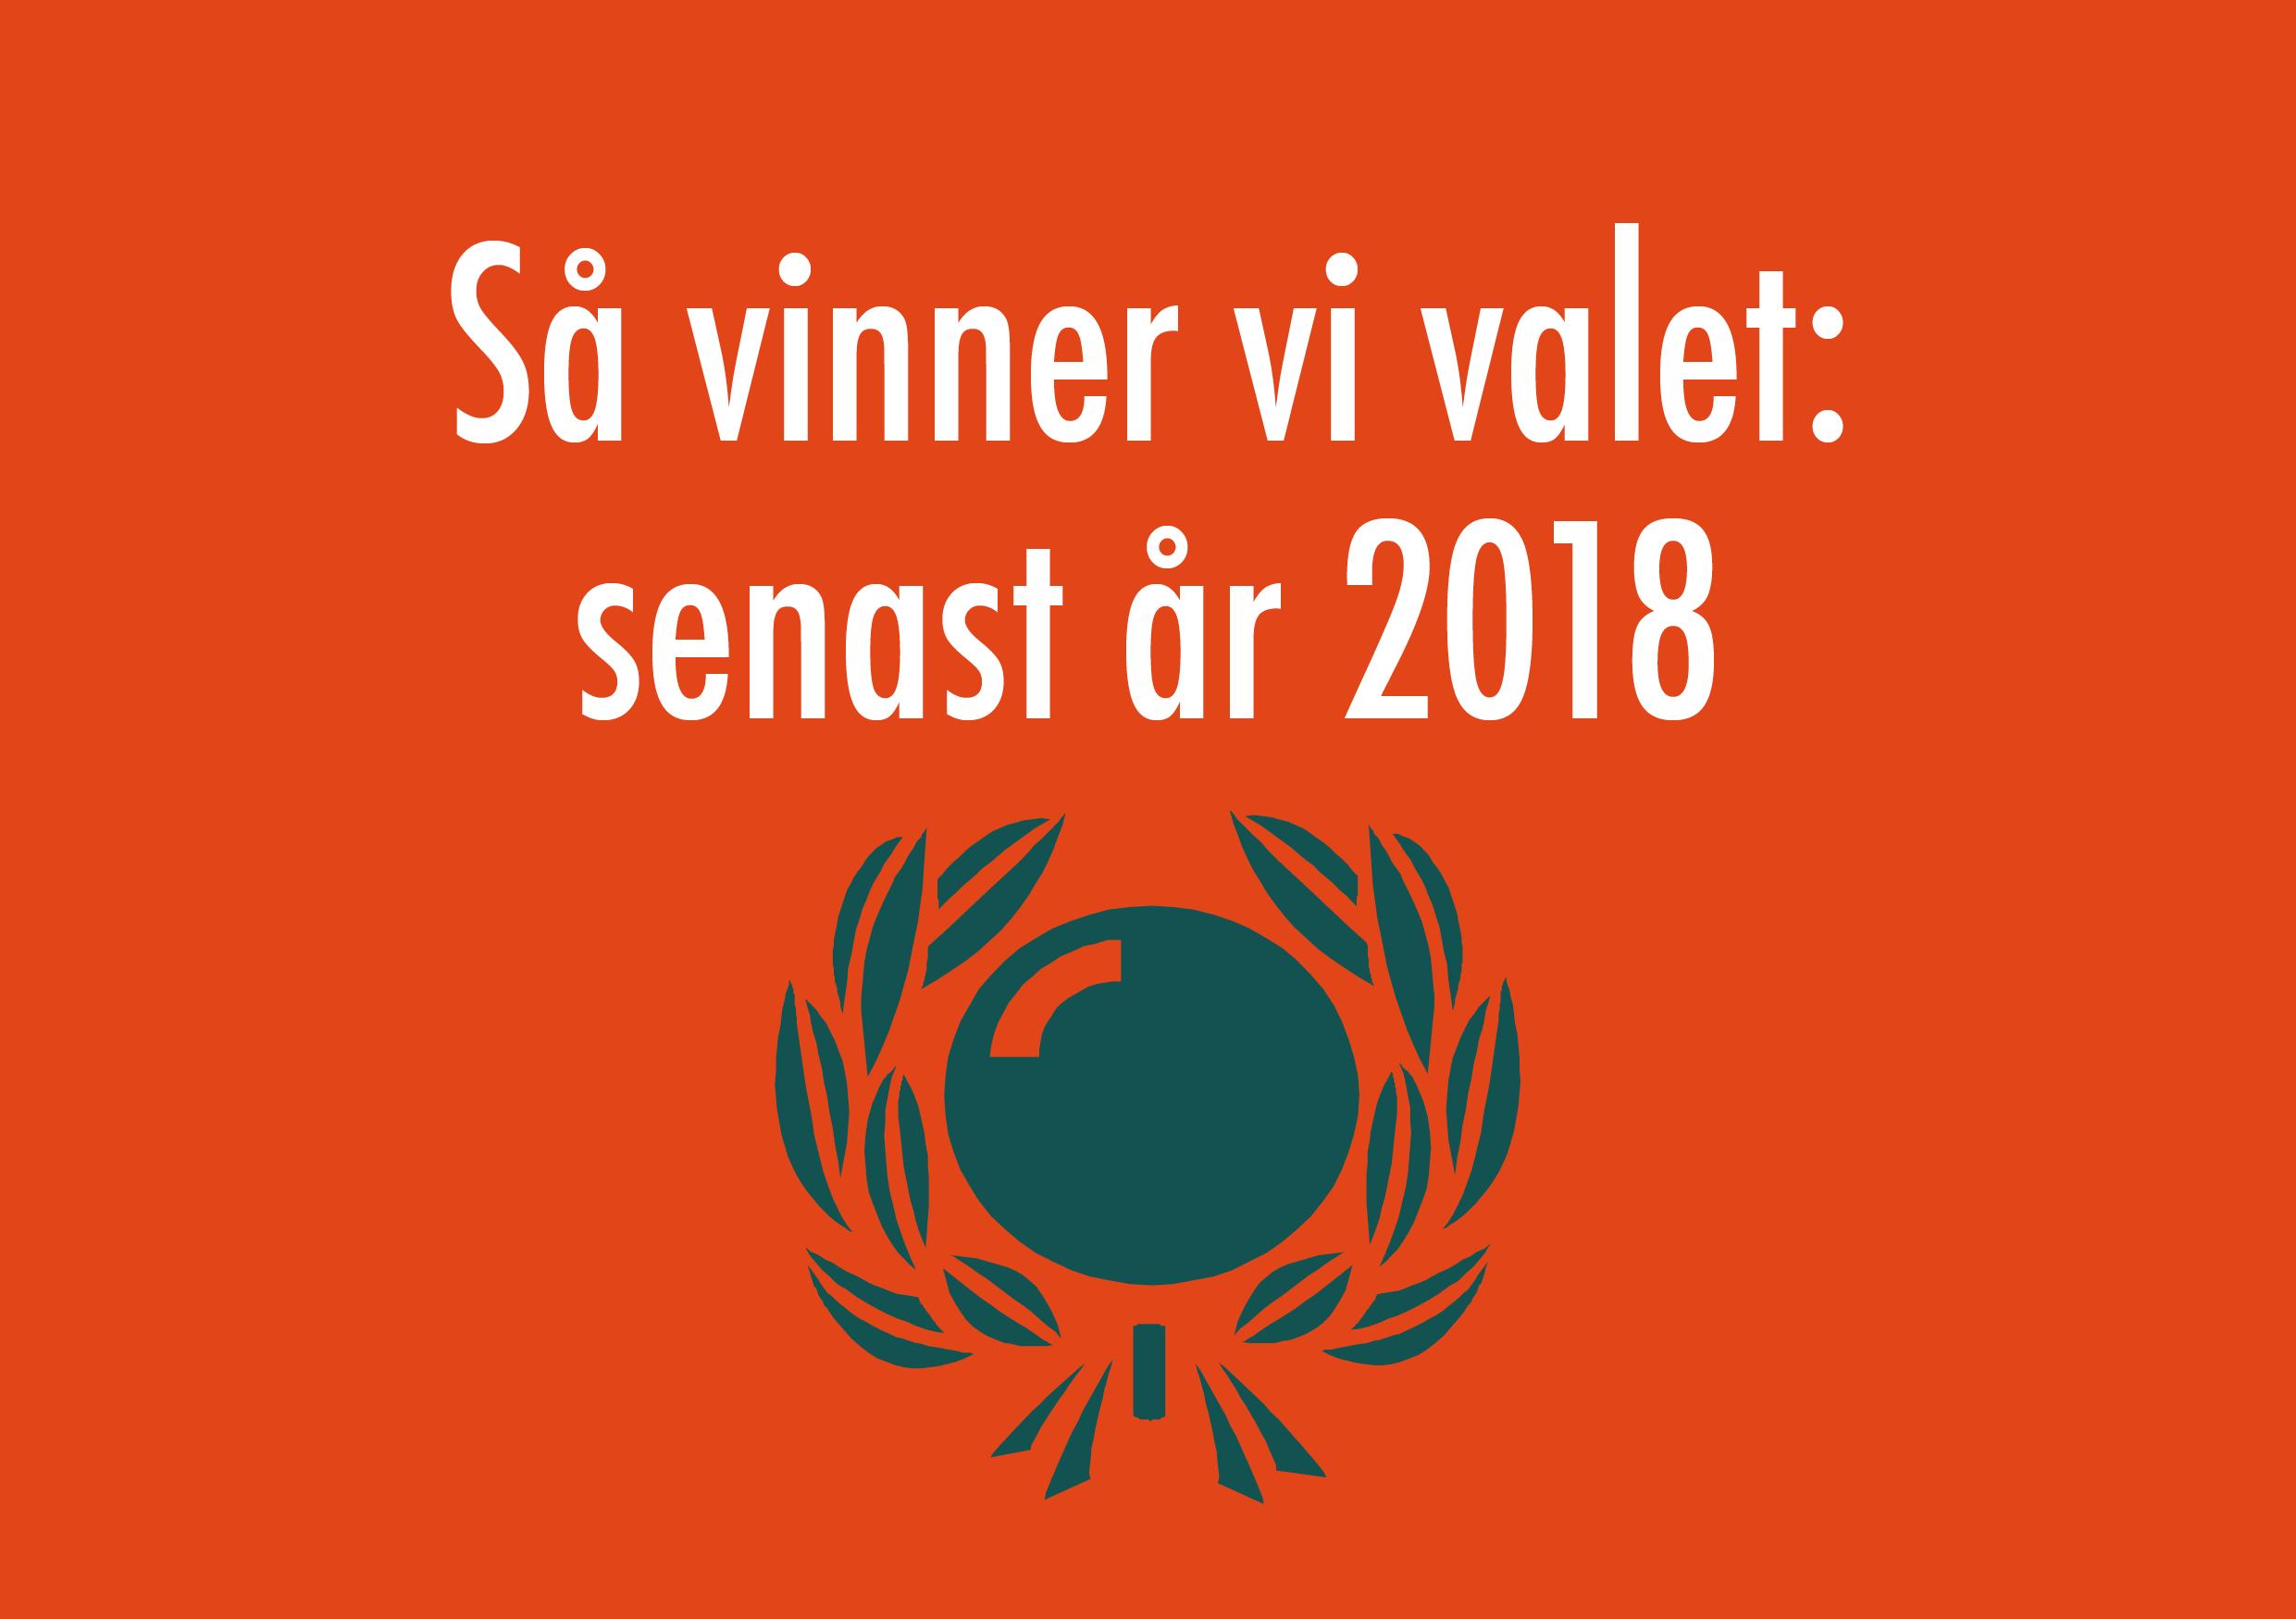 Ny rapport: så vinner vi valet – senast år 2018